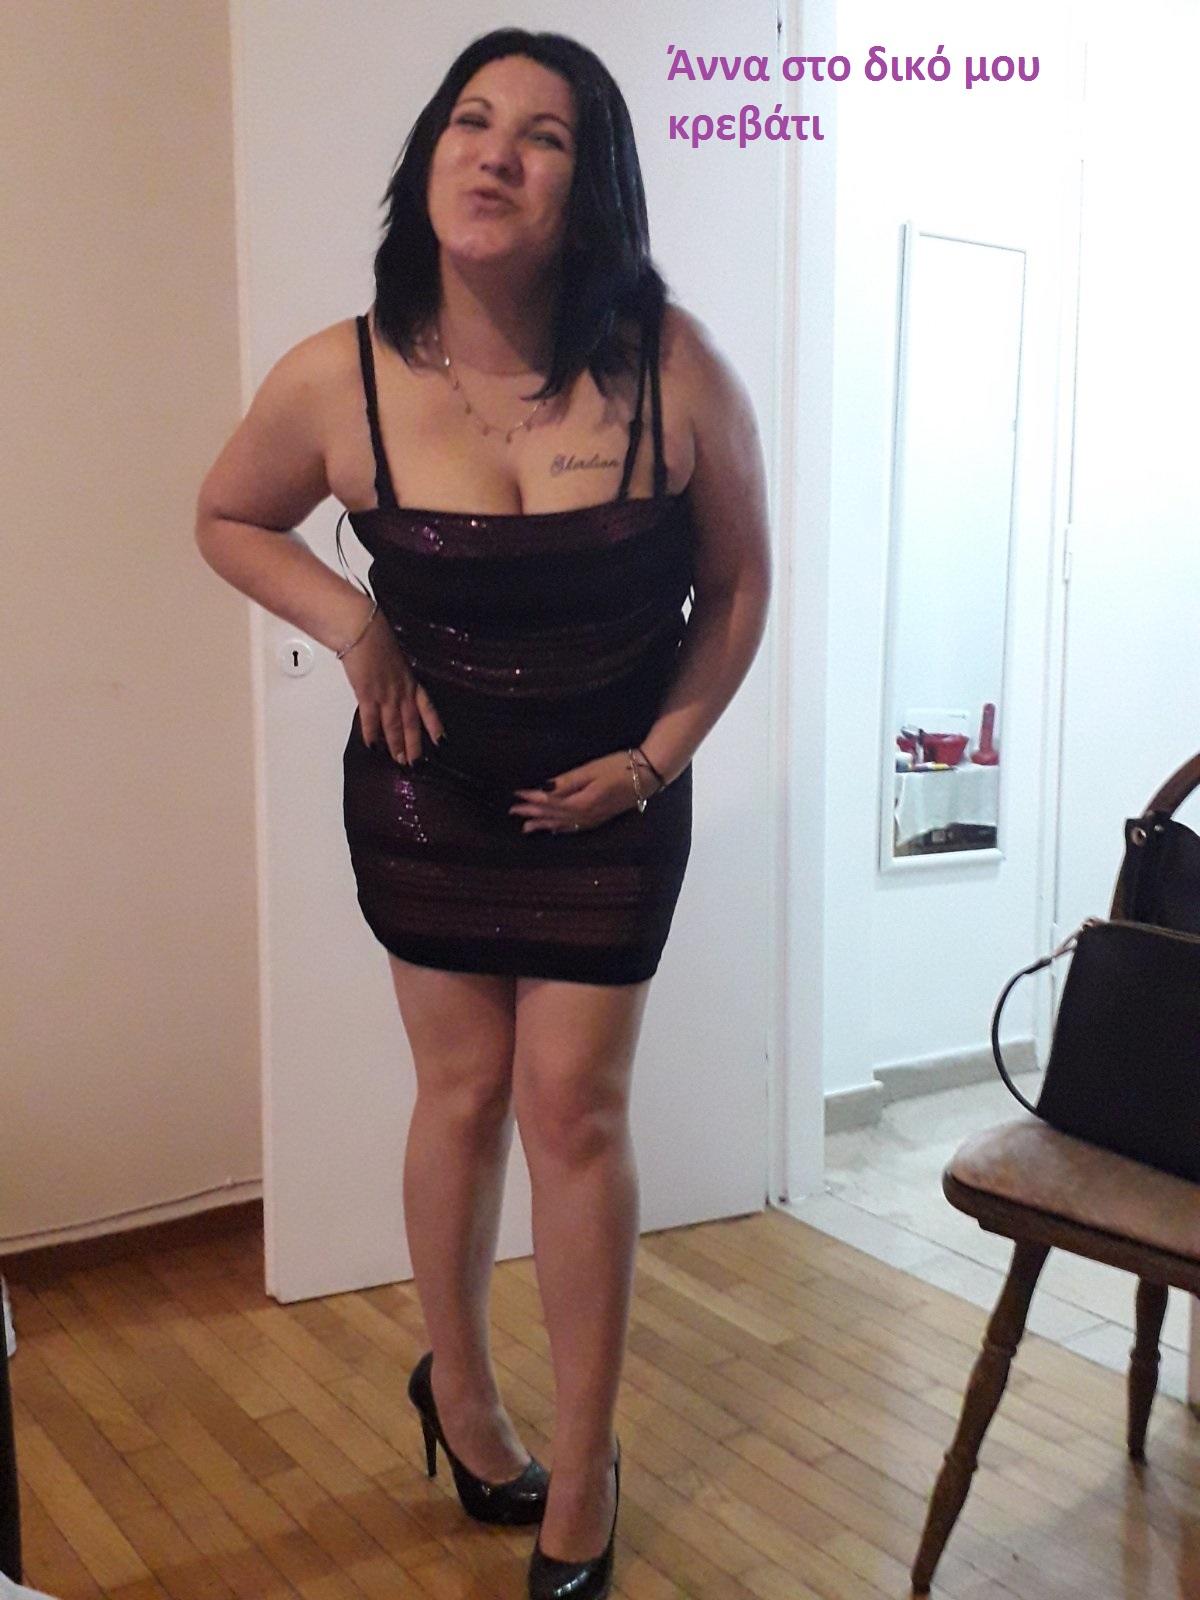 Είμαι μια καυλιάρα 40χρονη και σε περιμένω στο χώρο μου